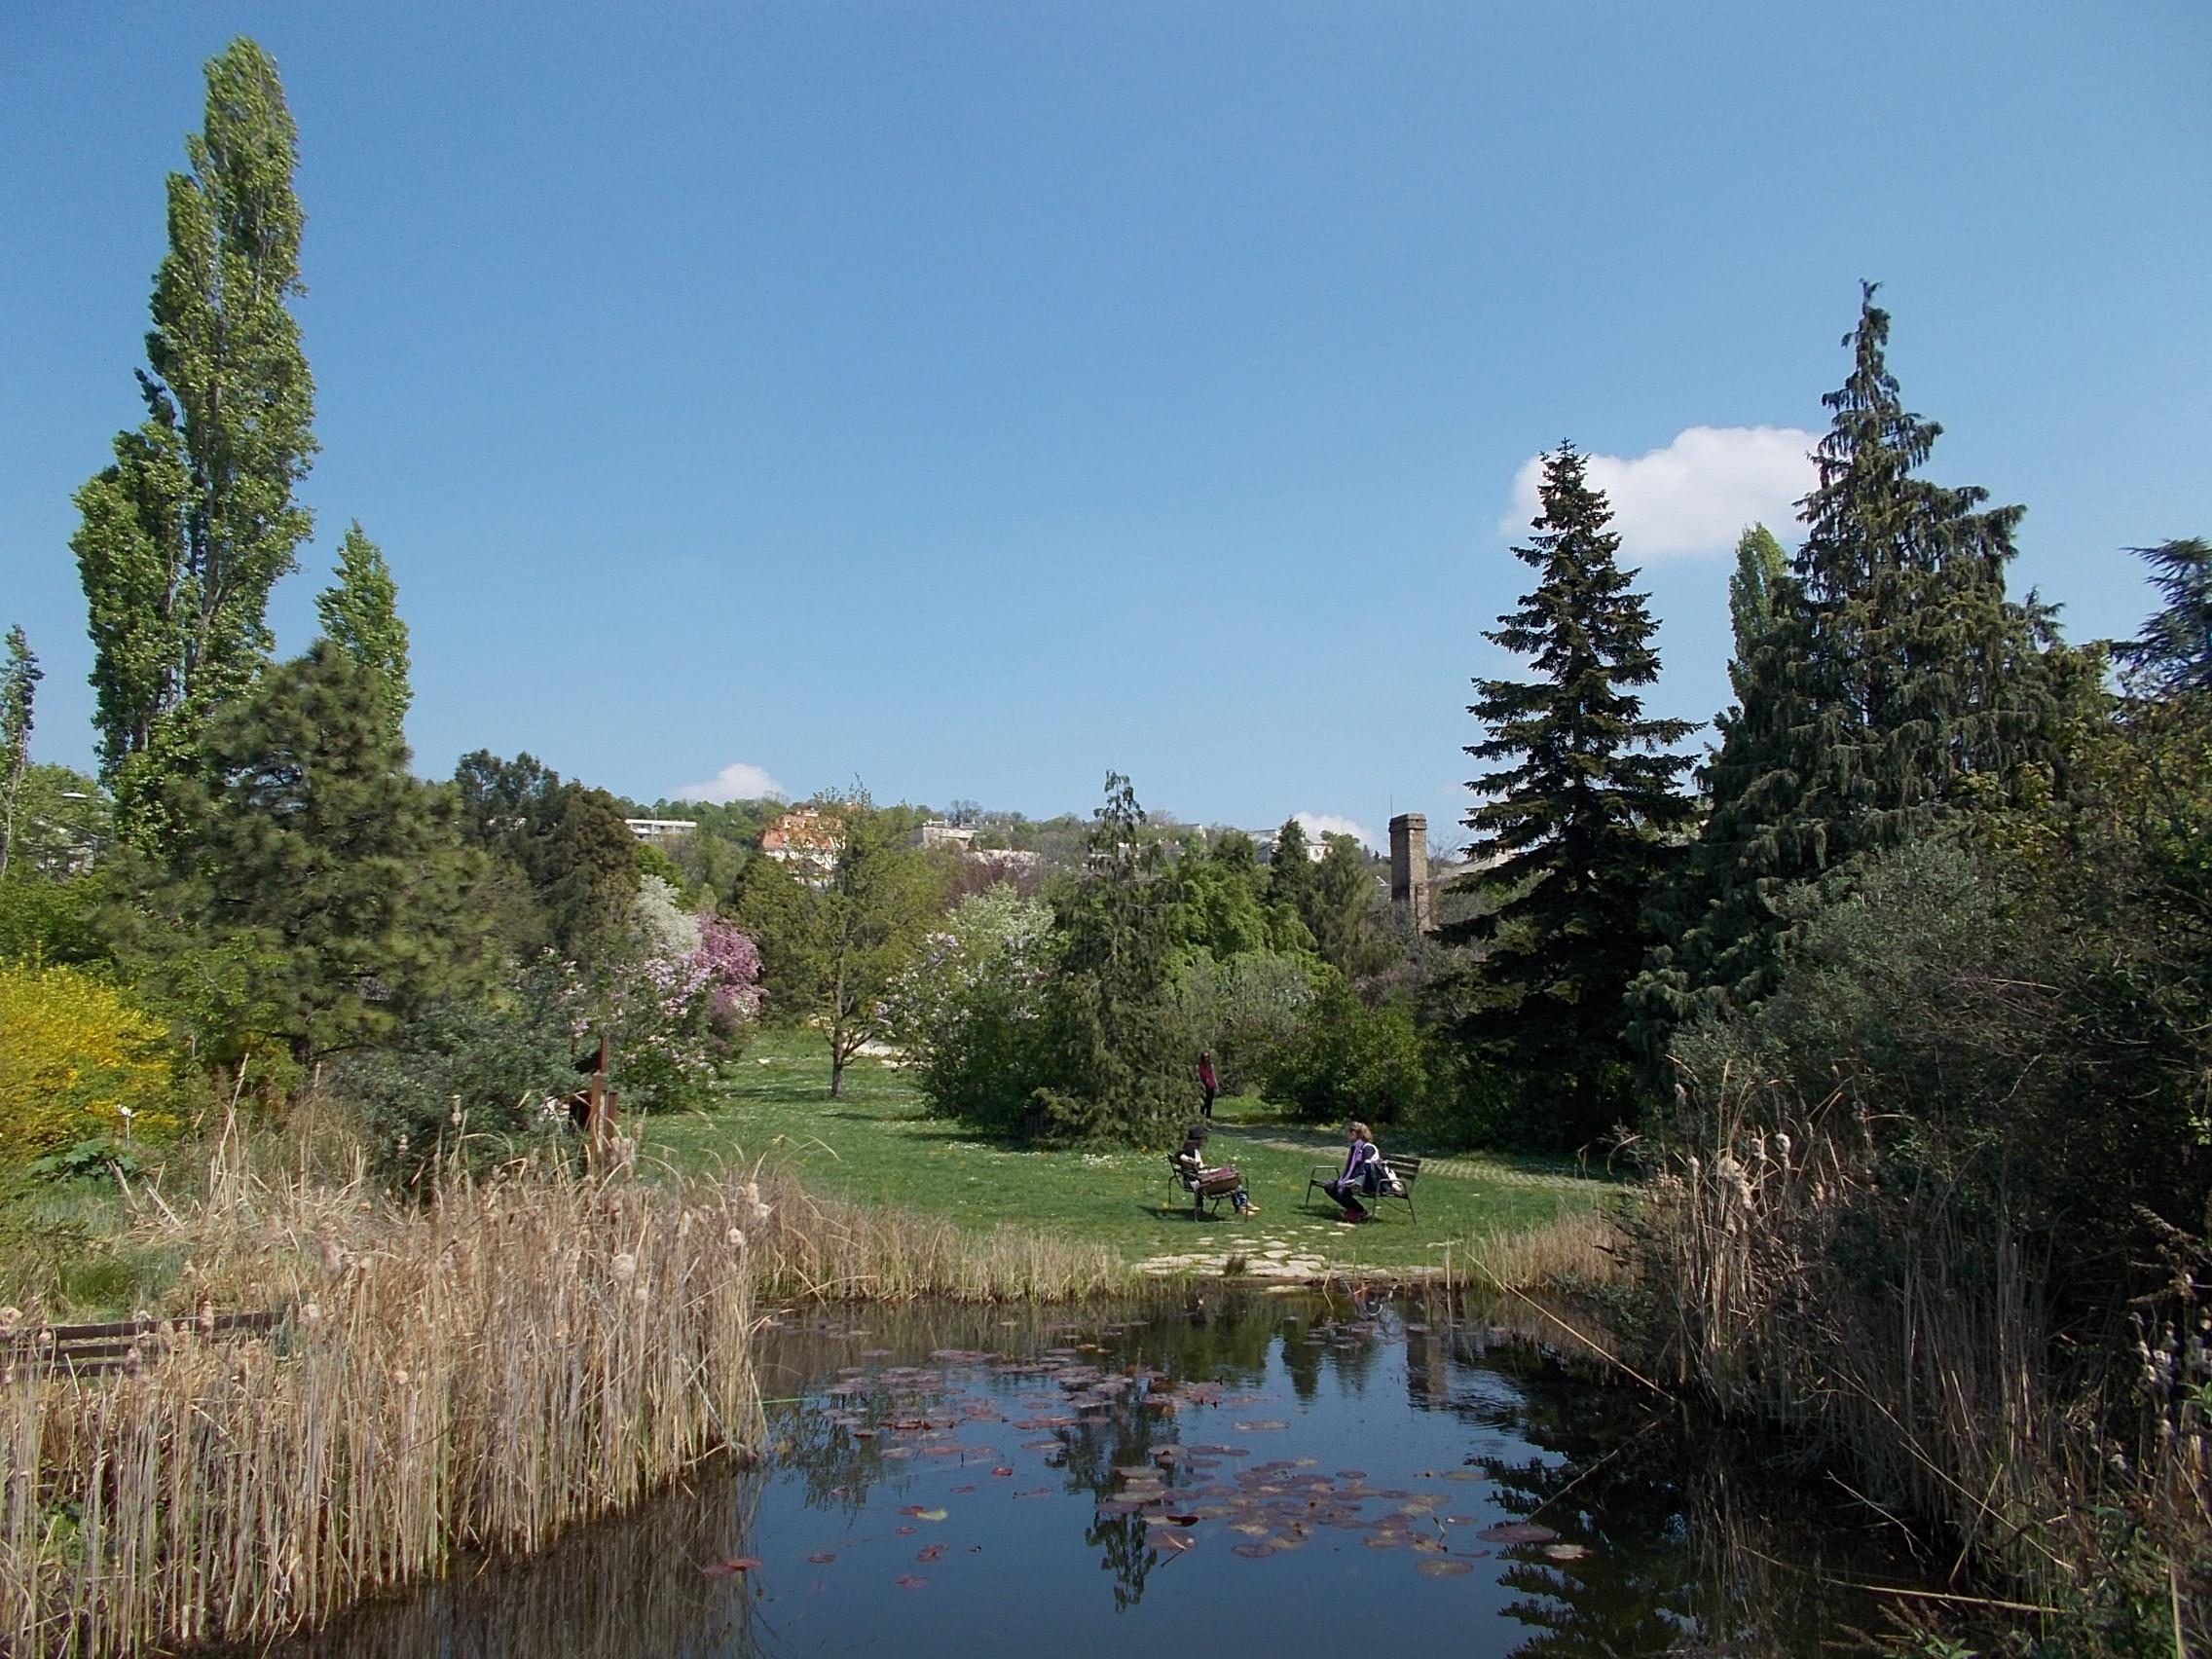 Jelentős oktatási és természeti értékek tűnnének el a volt Kertészeti Egyetem kiebrudalásával